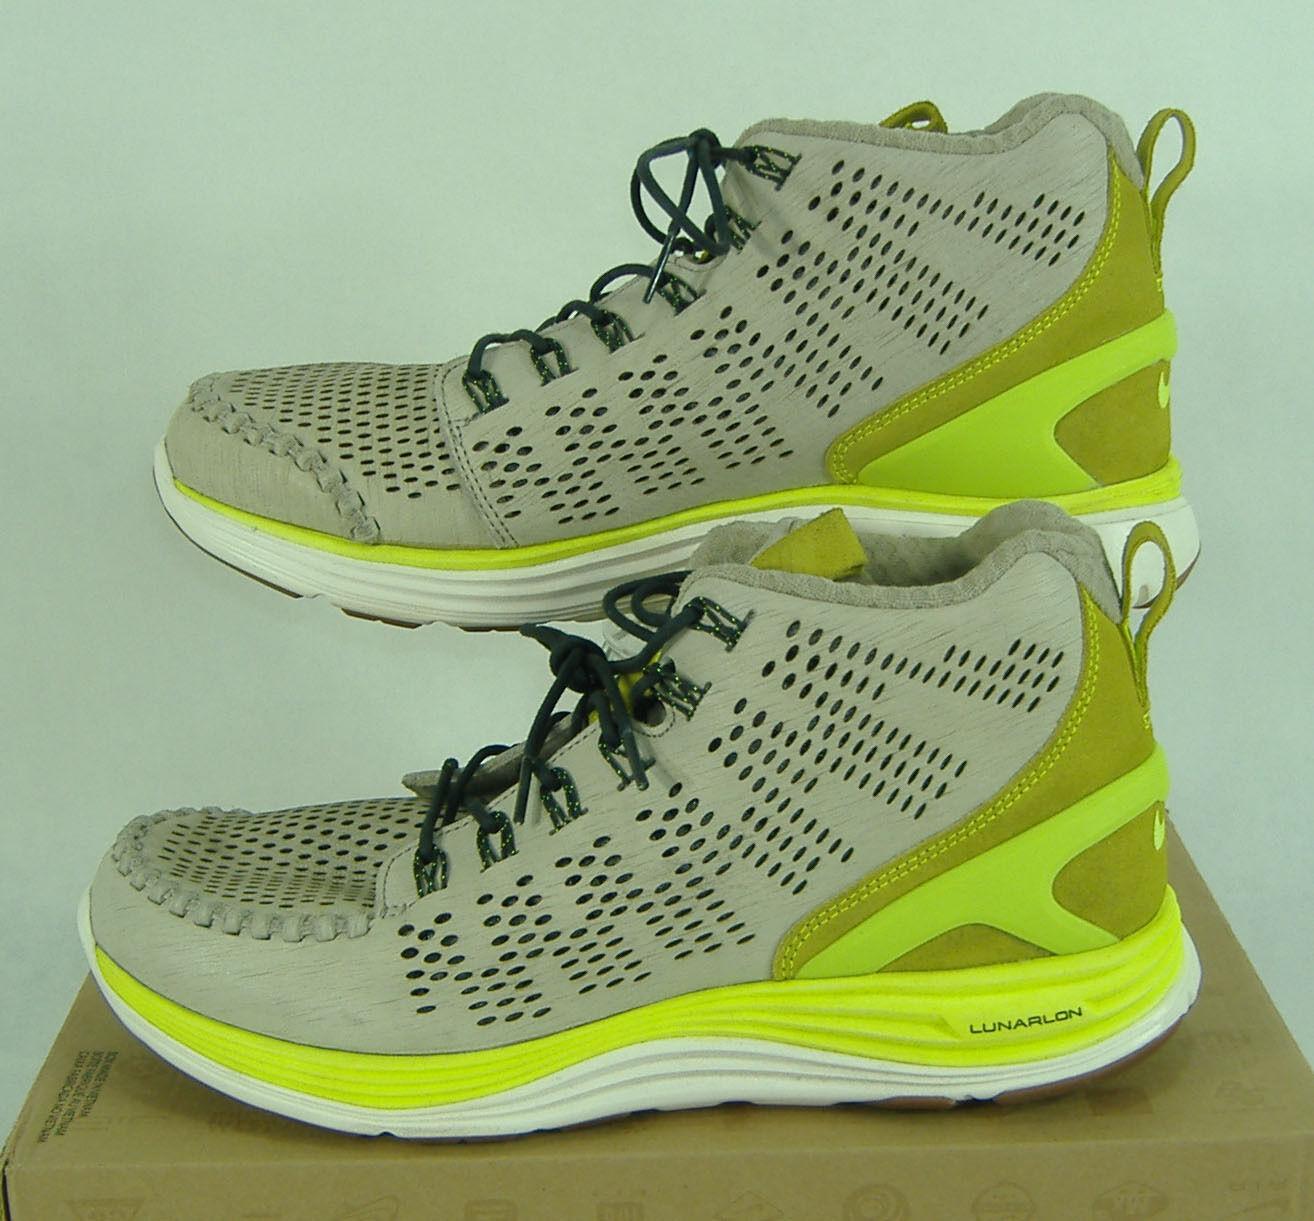 New Mens 9.5 NIKE Lunar Chenchukka QS Stone Volt Volt Volt Green Mid shoes  150 553553-030 dd740a